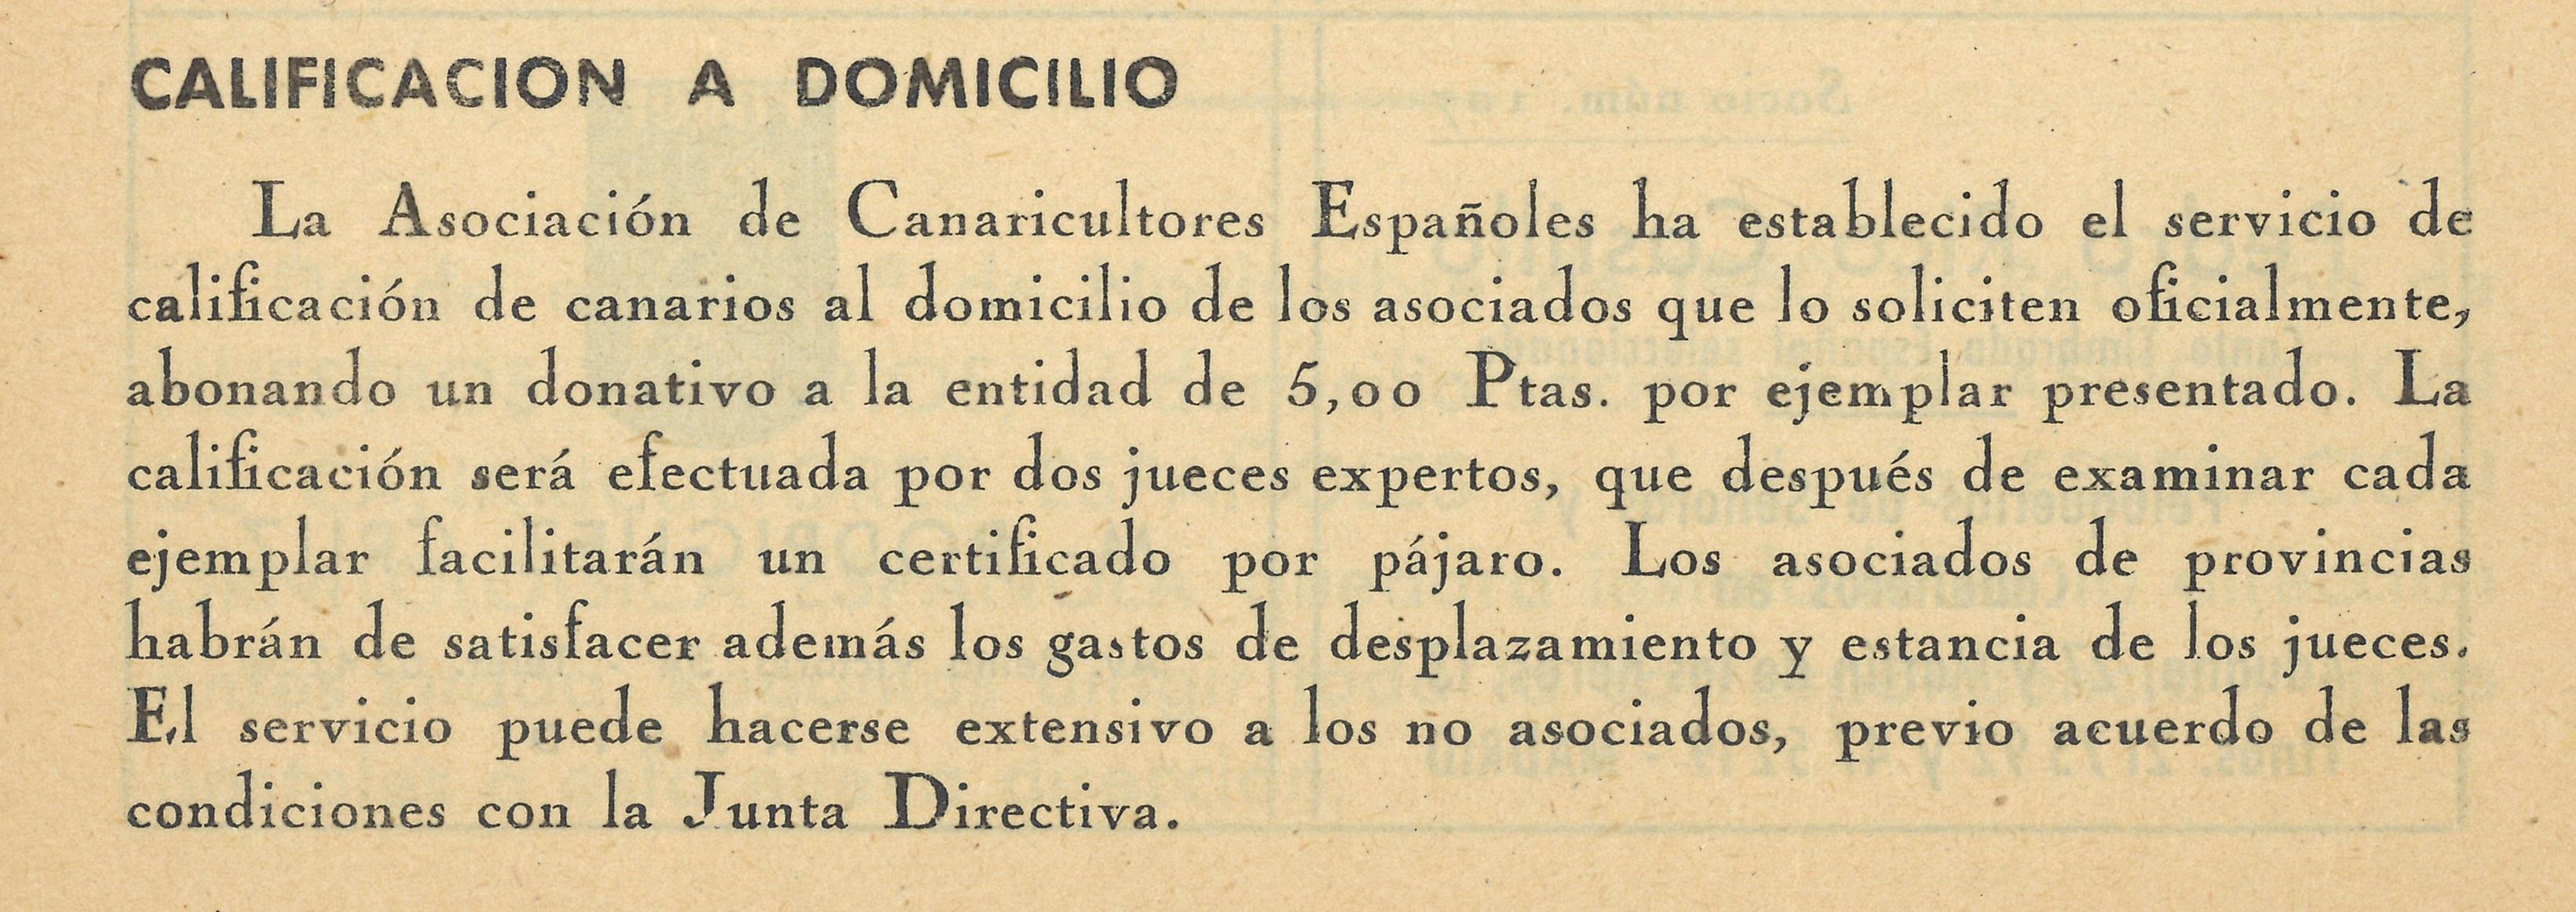 NUESTROS CANARIOS, 3º Trimestre de 1960